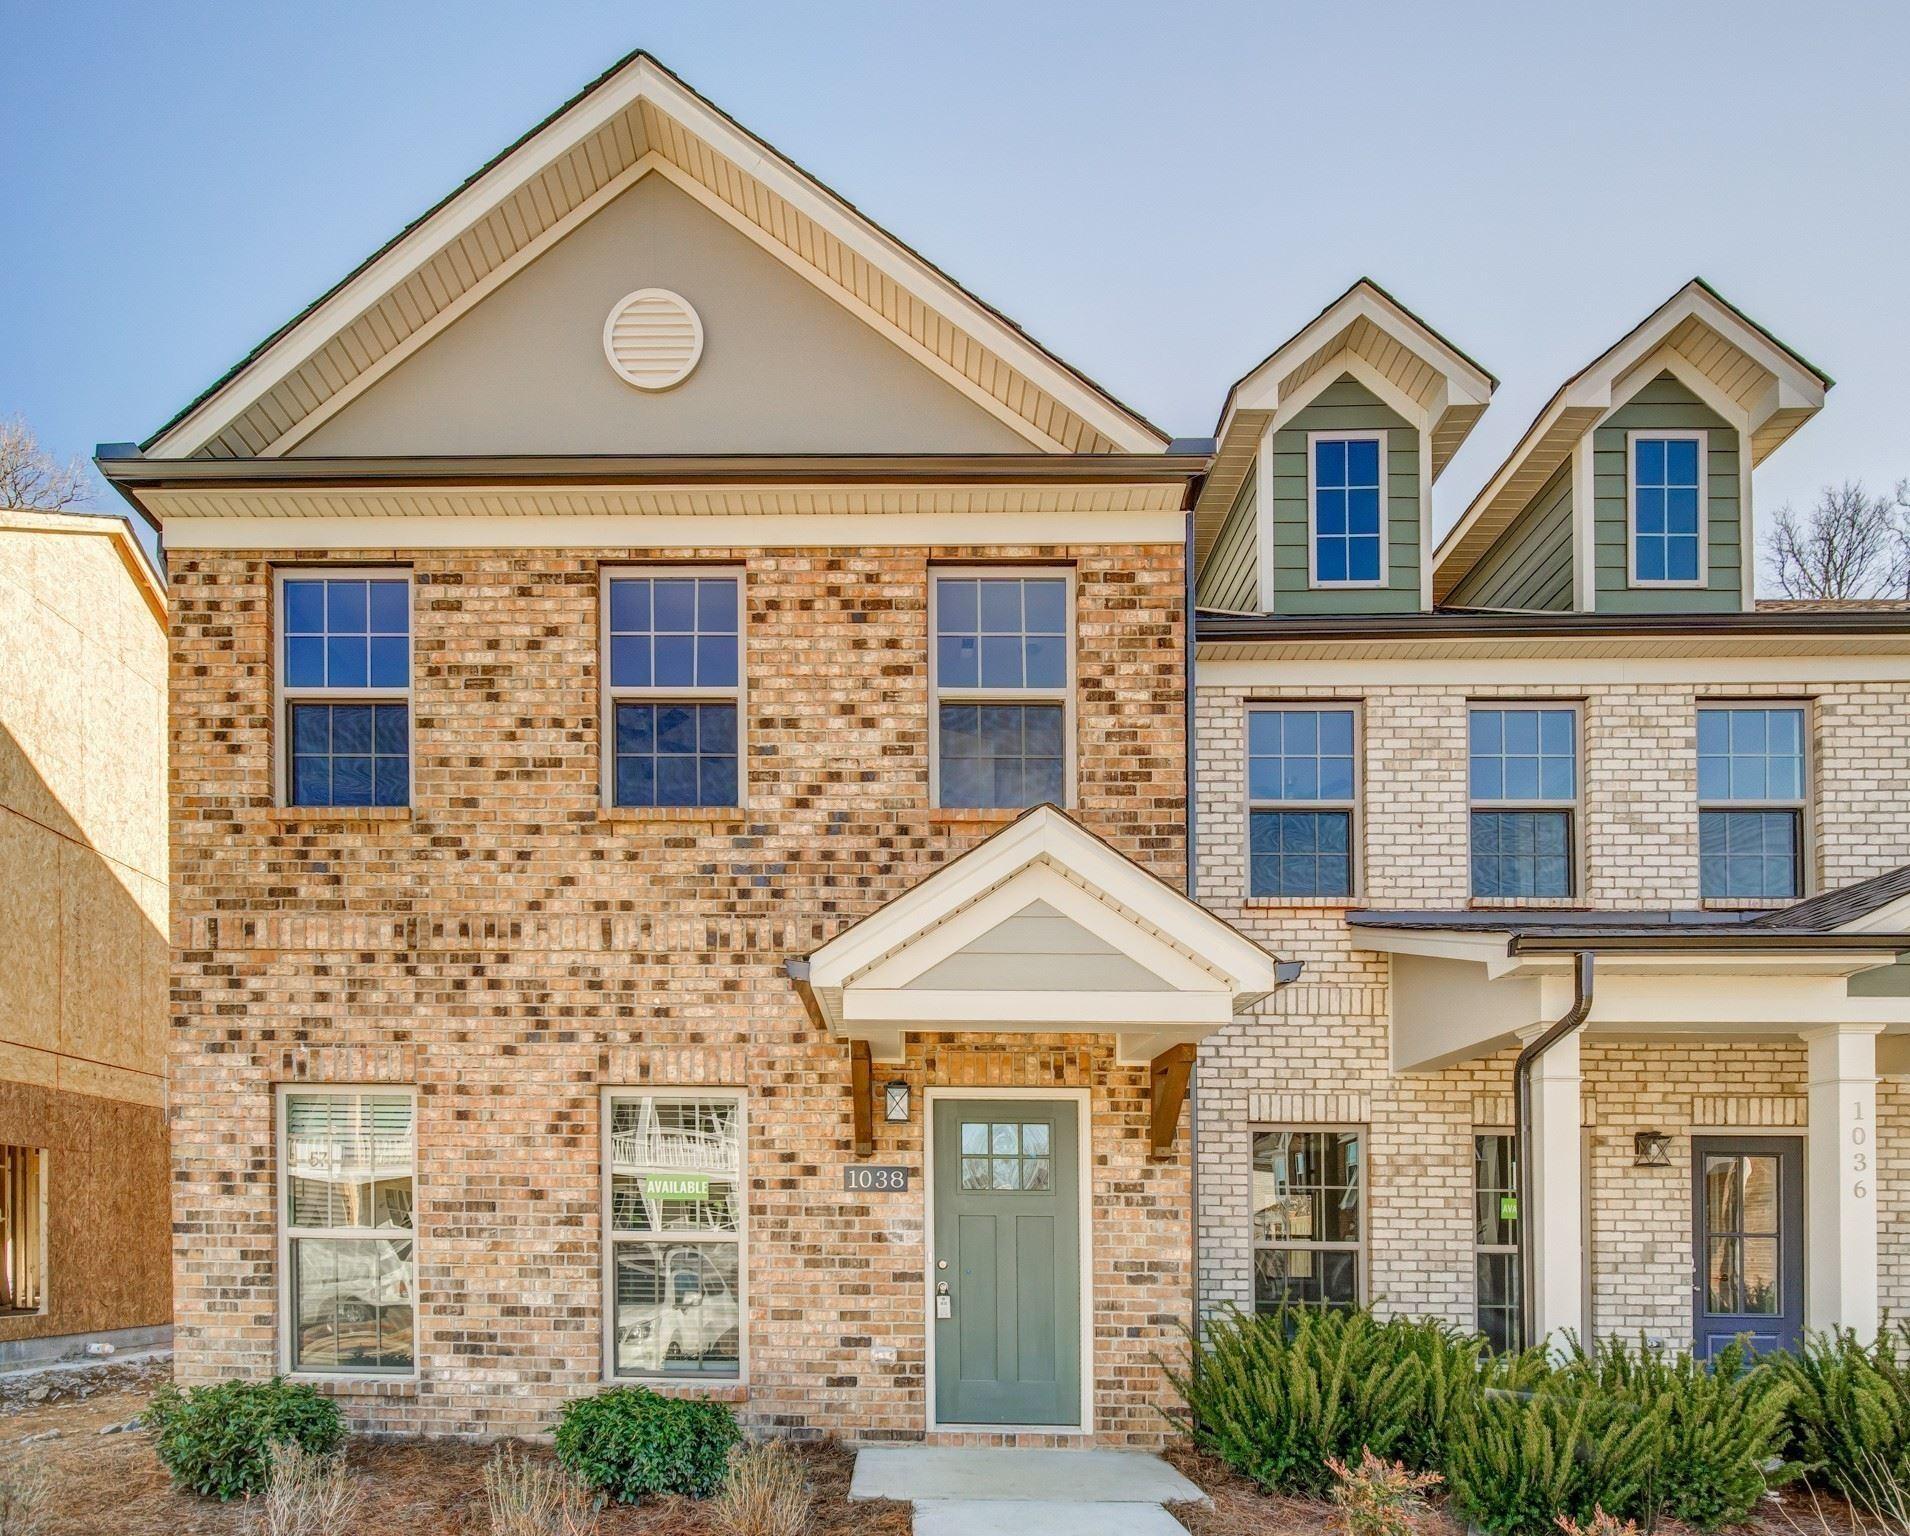 6058 Isabella Lane, Lot #103, Hendersonville, TN 37075 - MLS#: 2233383